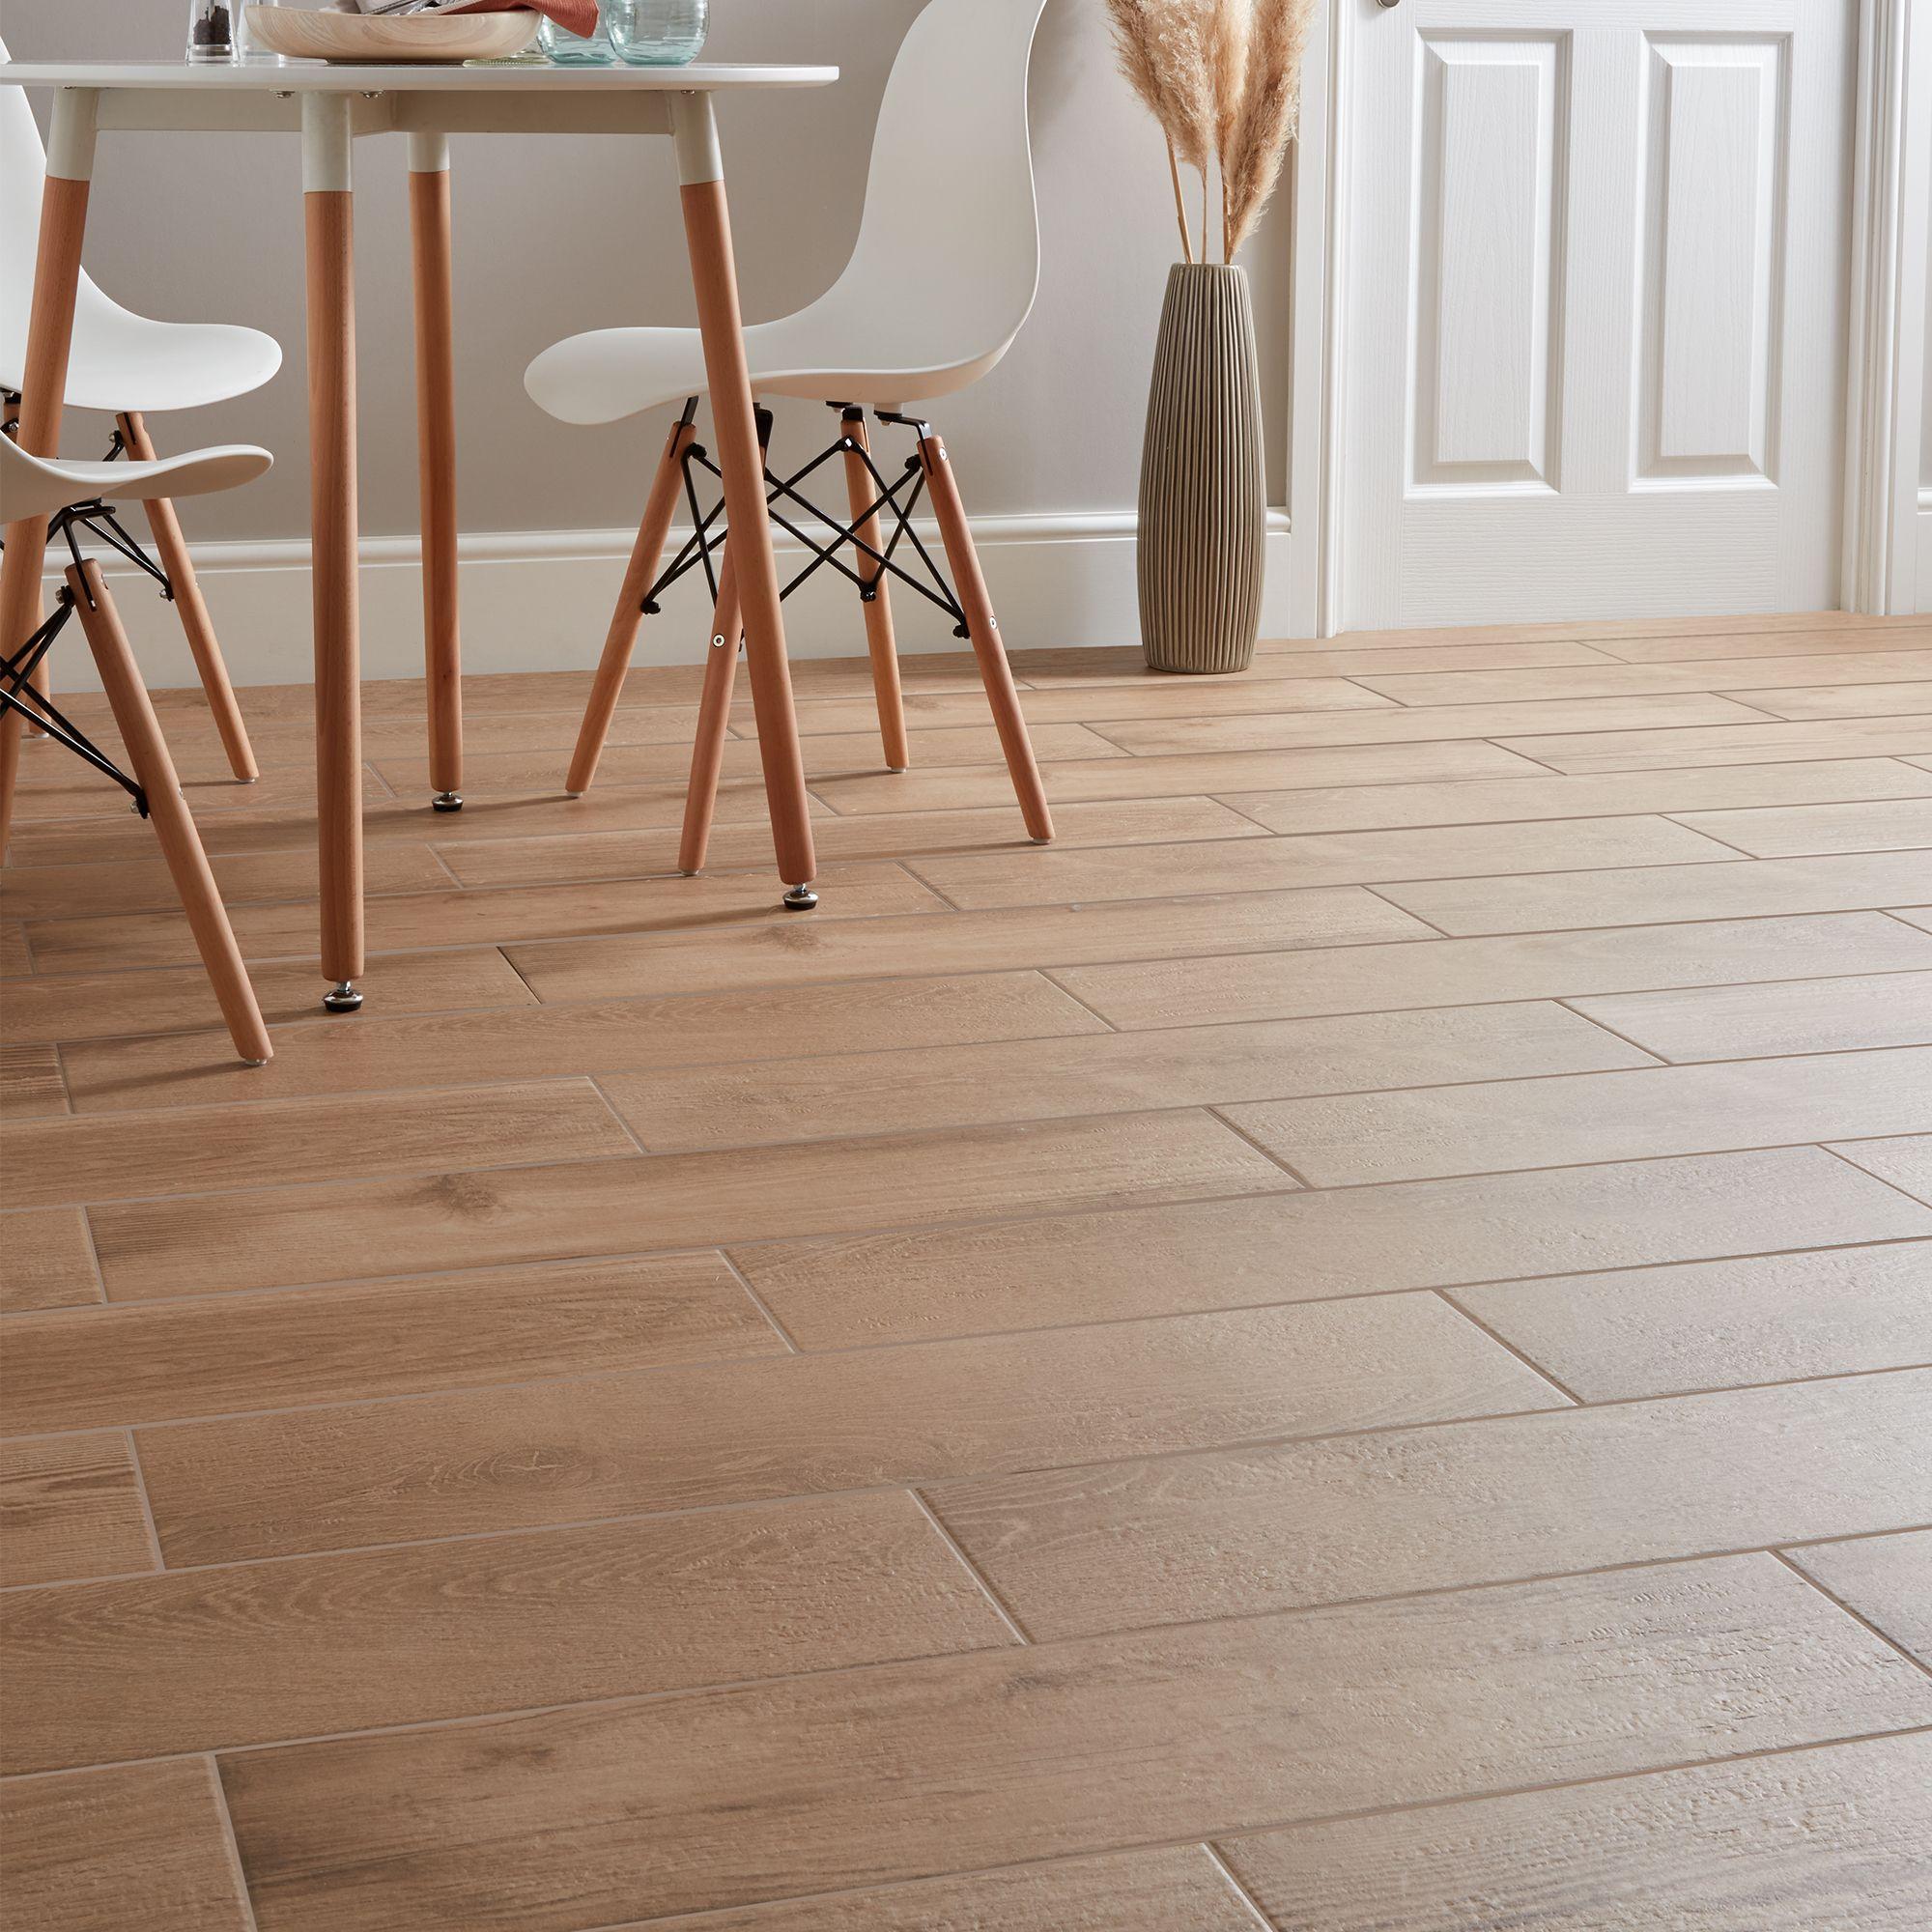 Matt Wood Effect Porcelain Floor Tile